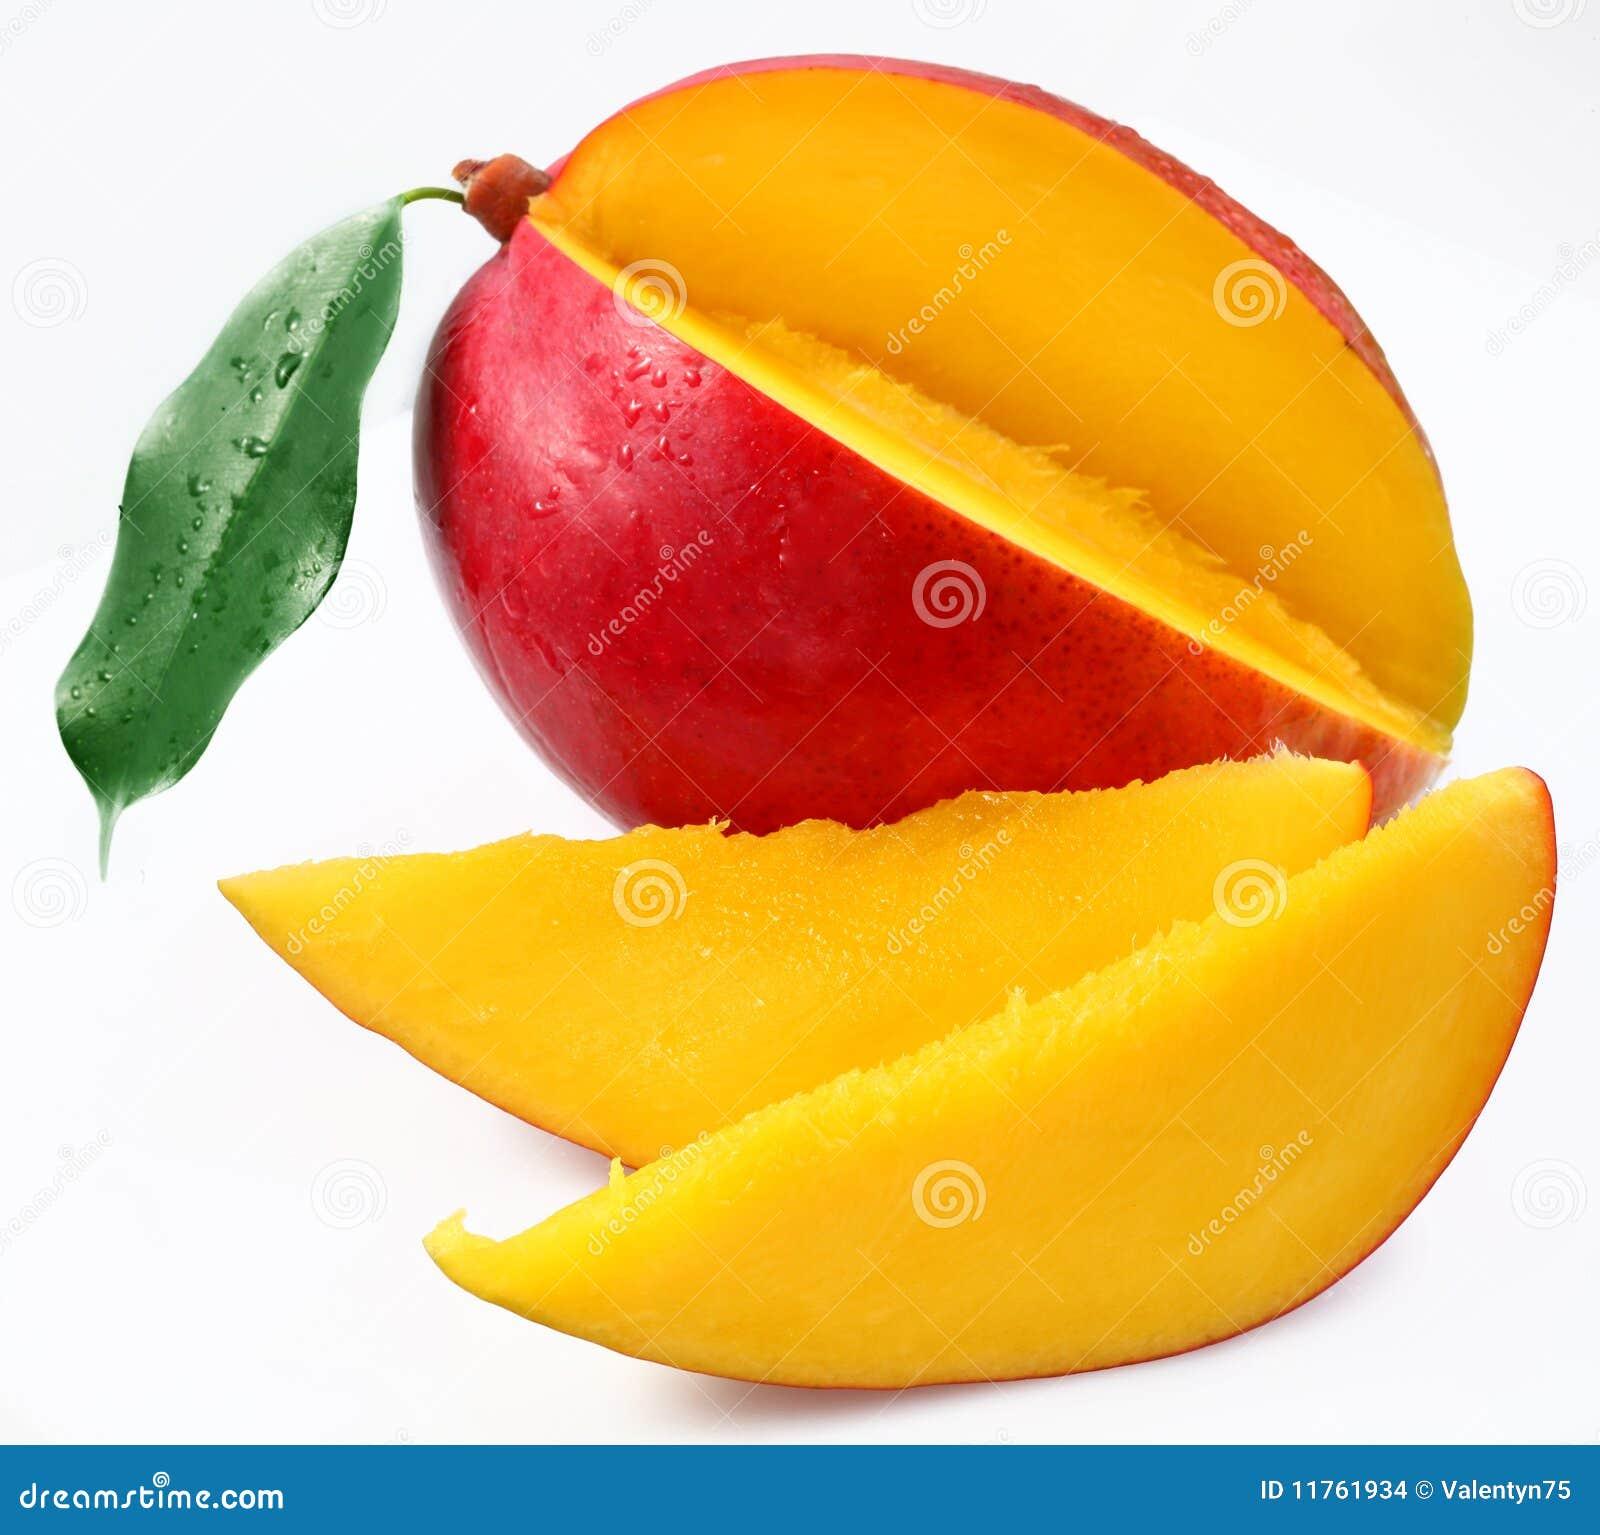 Mangoavsnitt